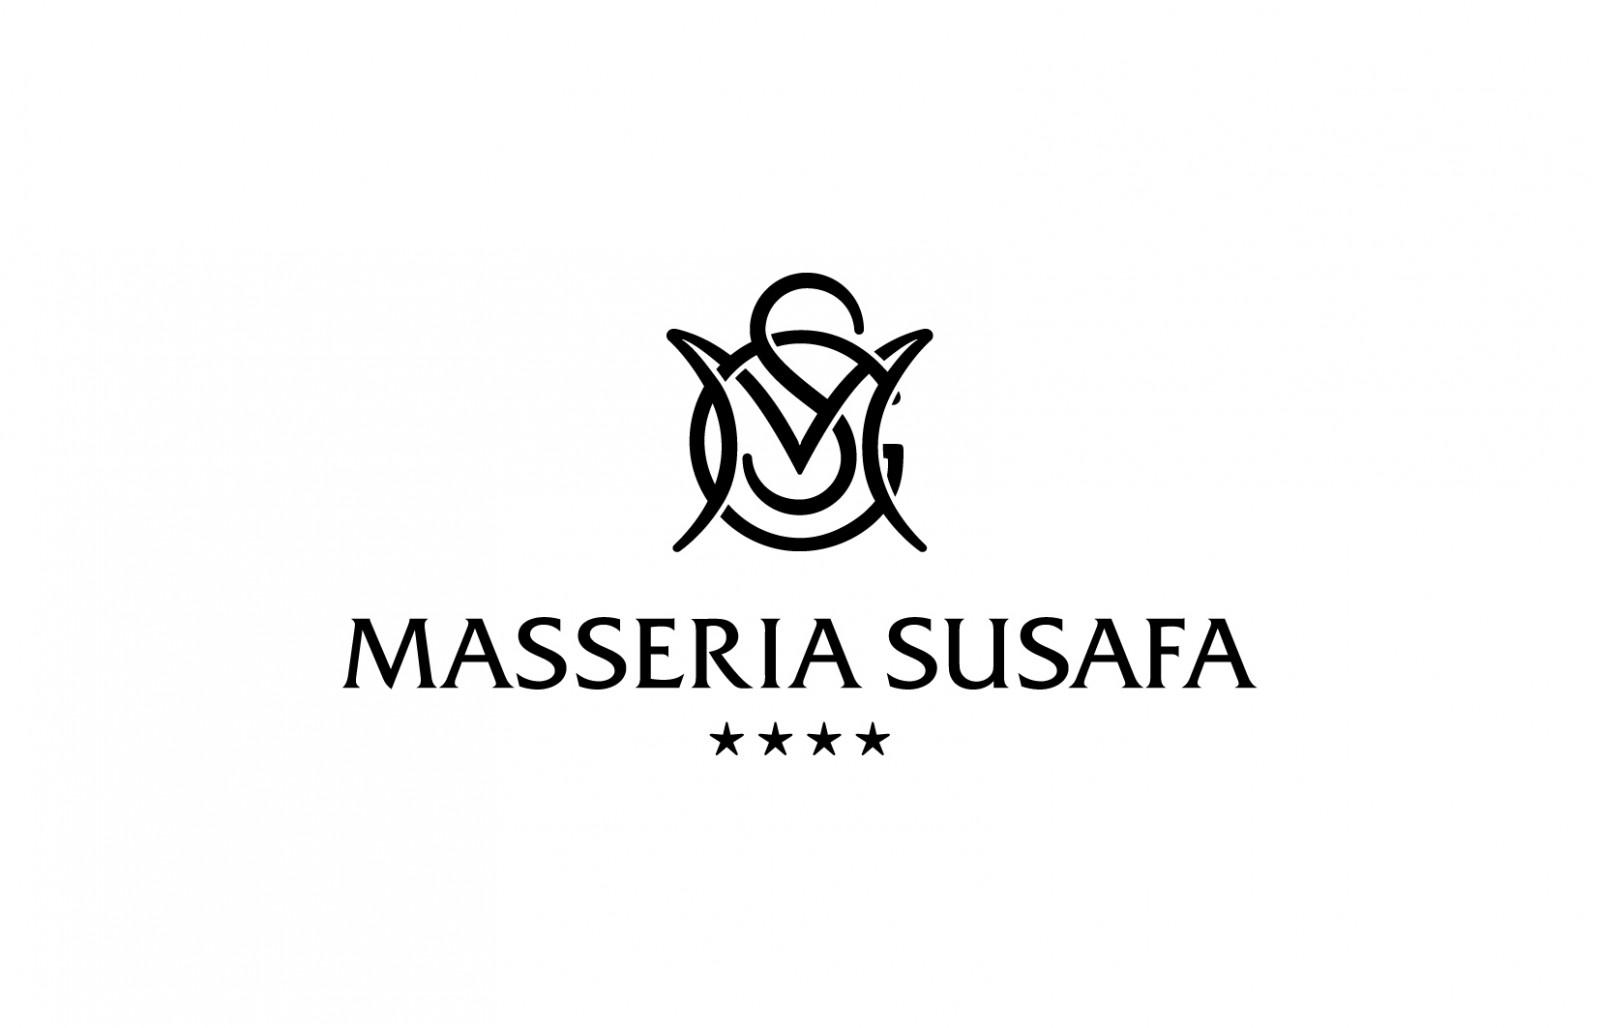 Masseria Susafa